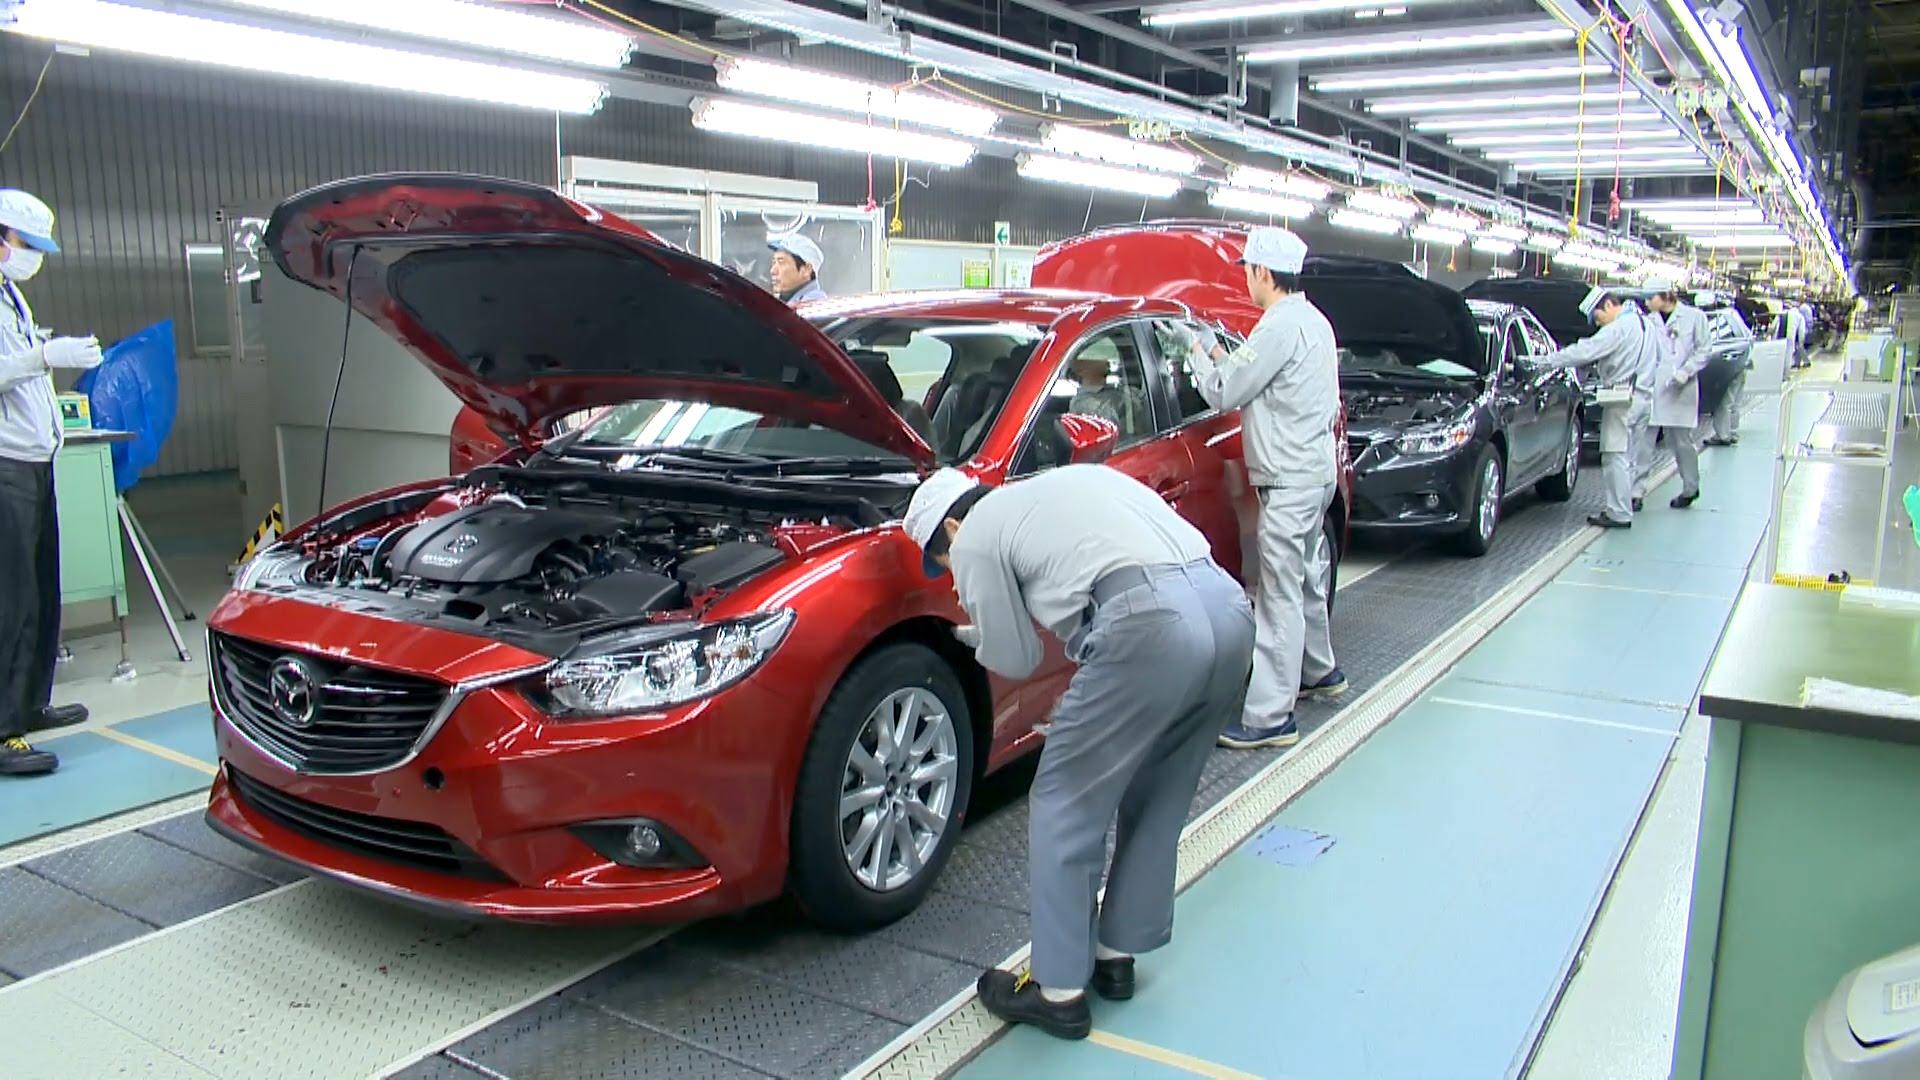 Και η Mazda εισέρχεται στην ηλεκτροκίνηση από το 2019